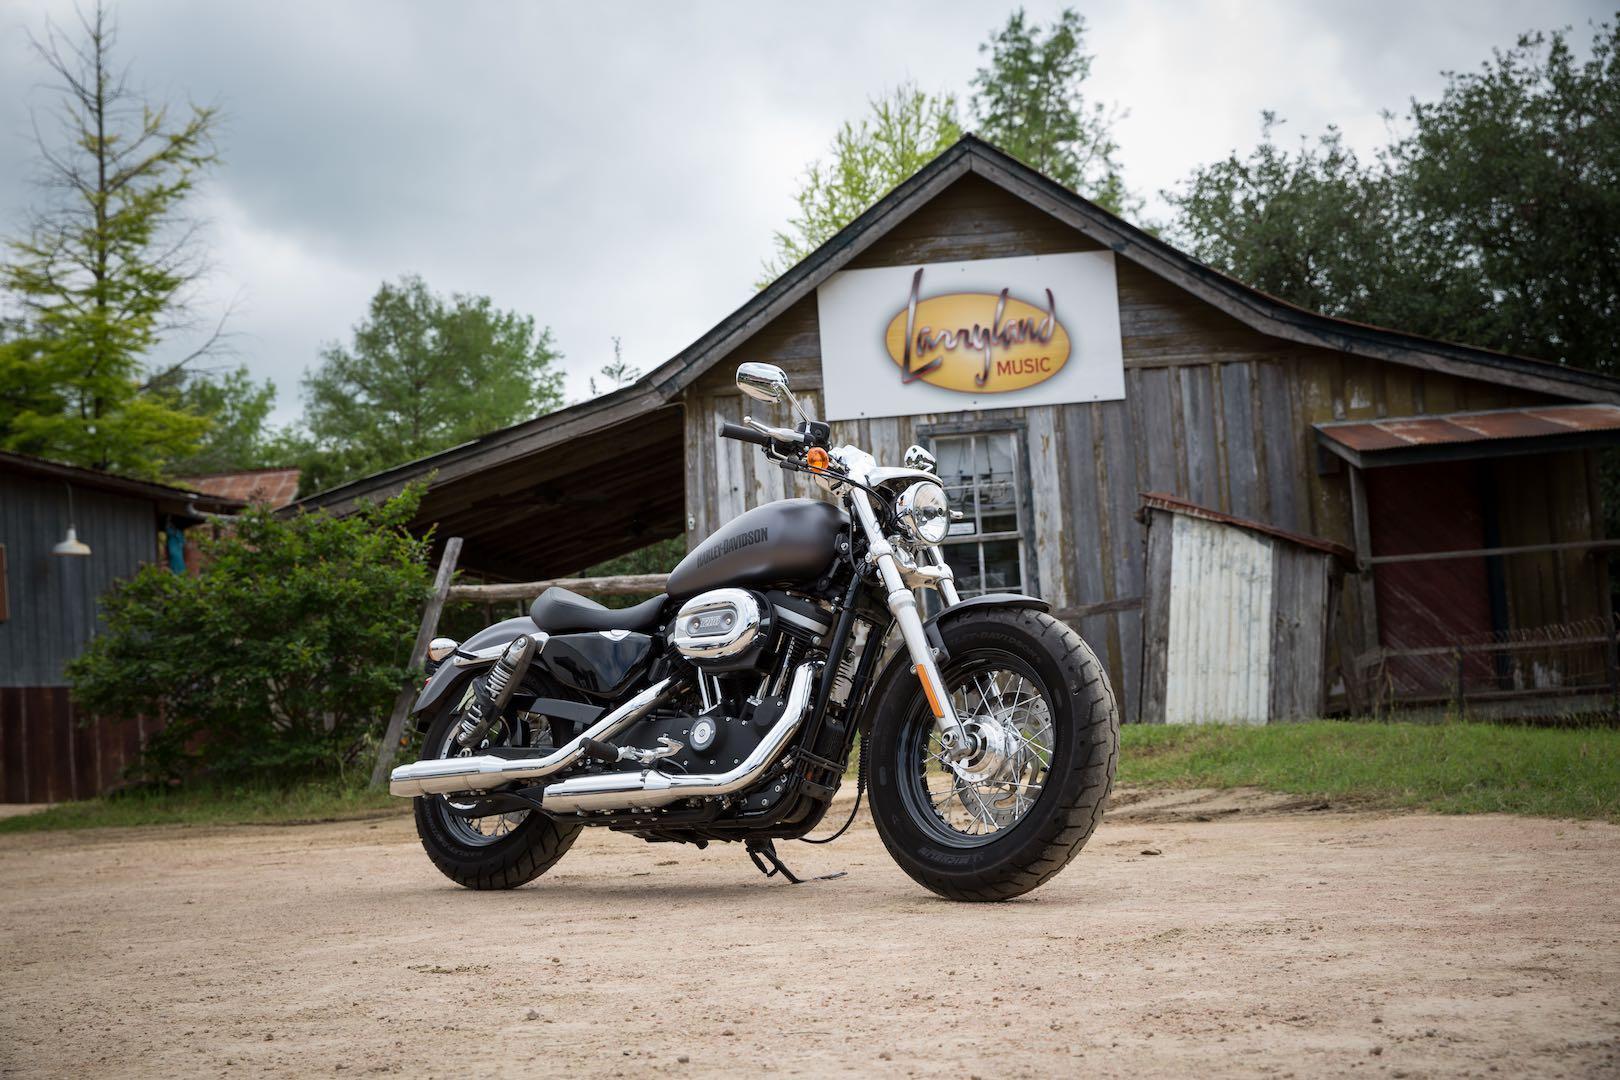 2017 Harley Davidson Sportster 1200 Custom For